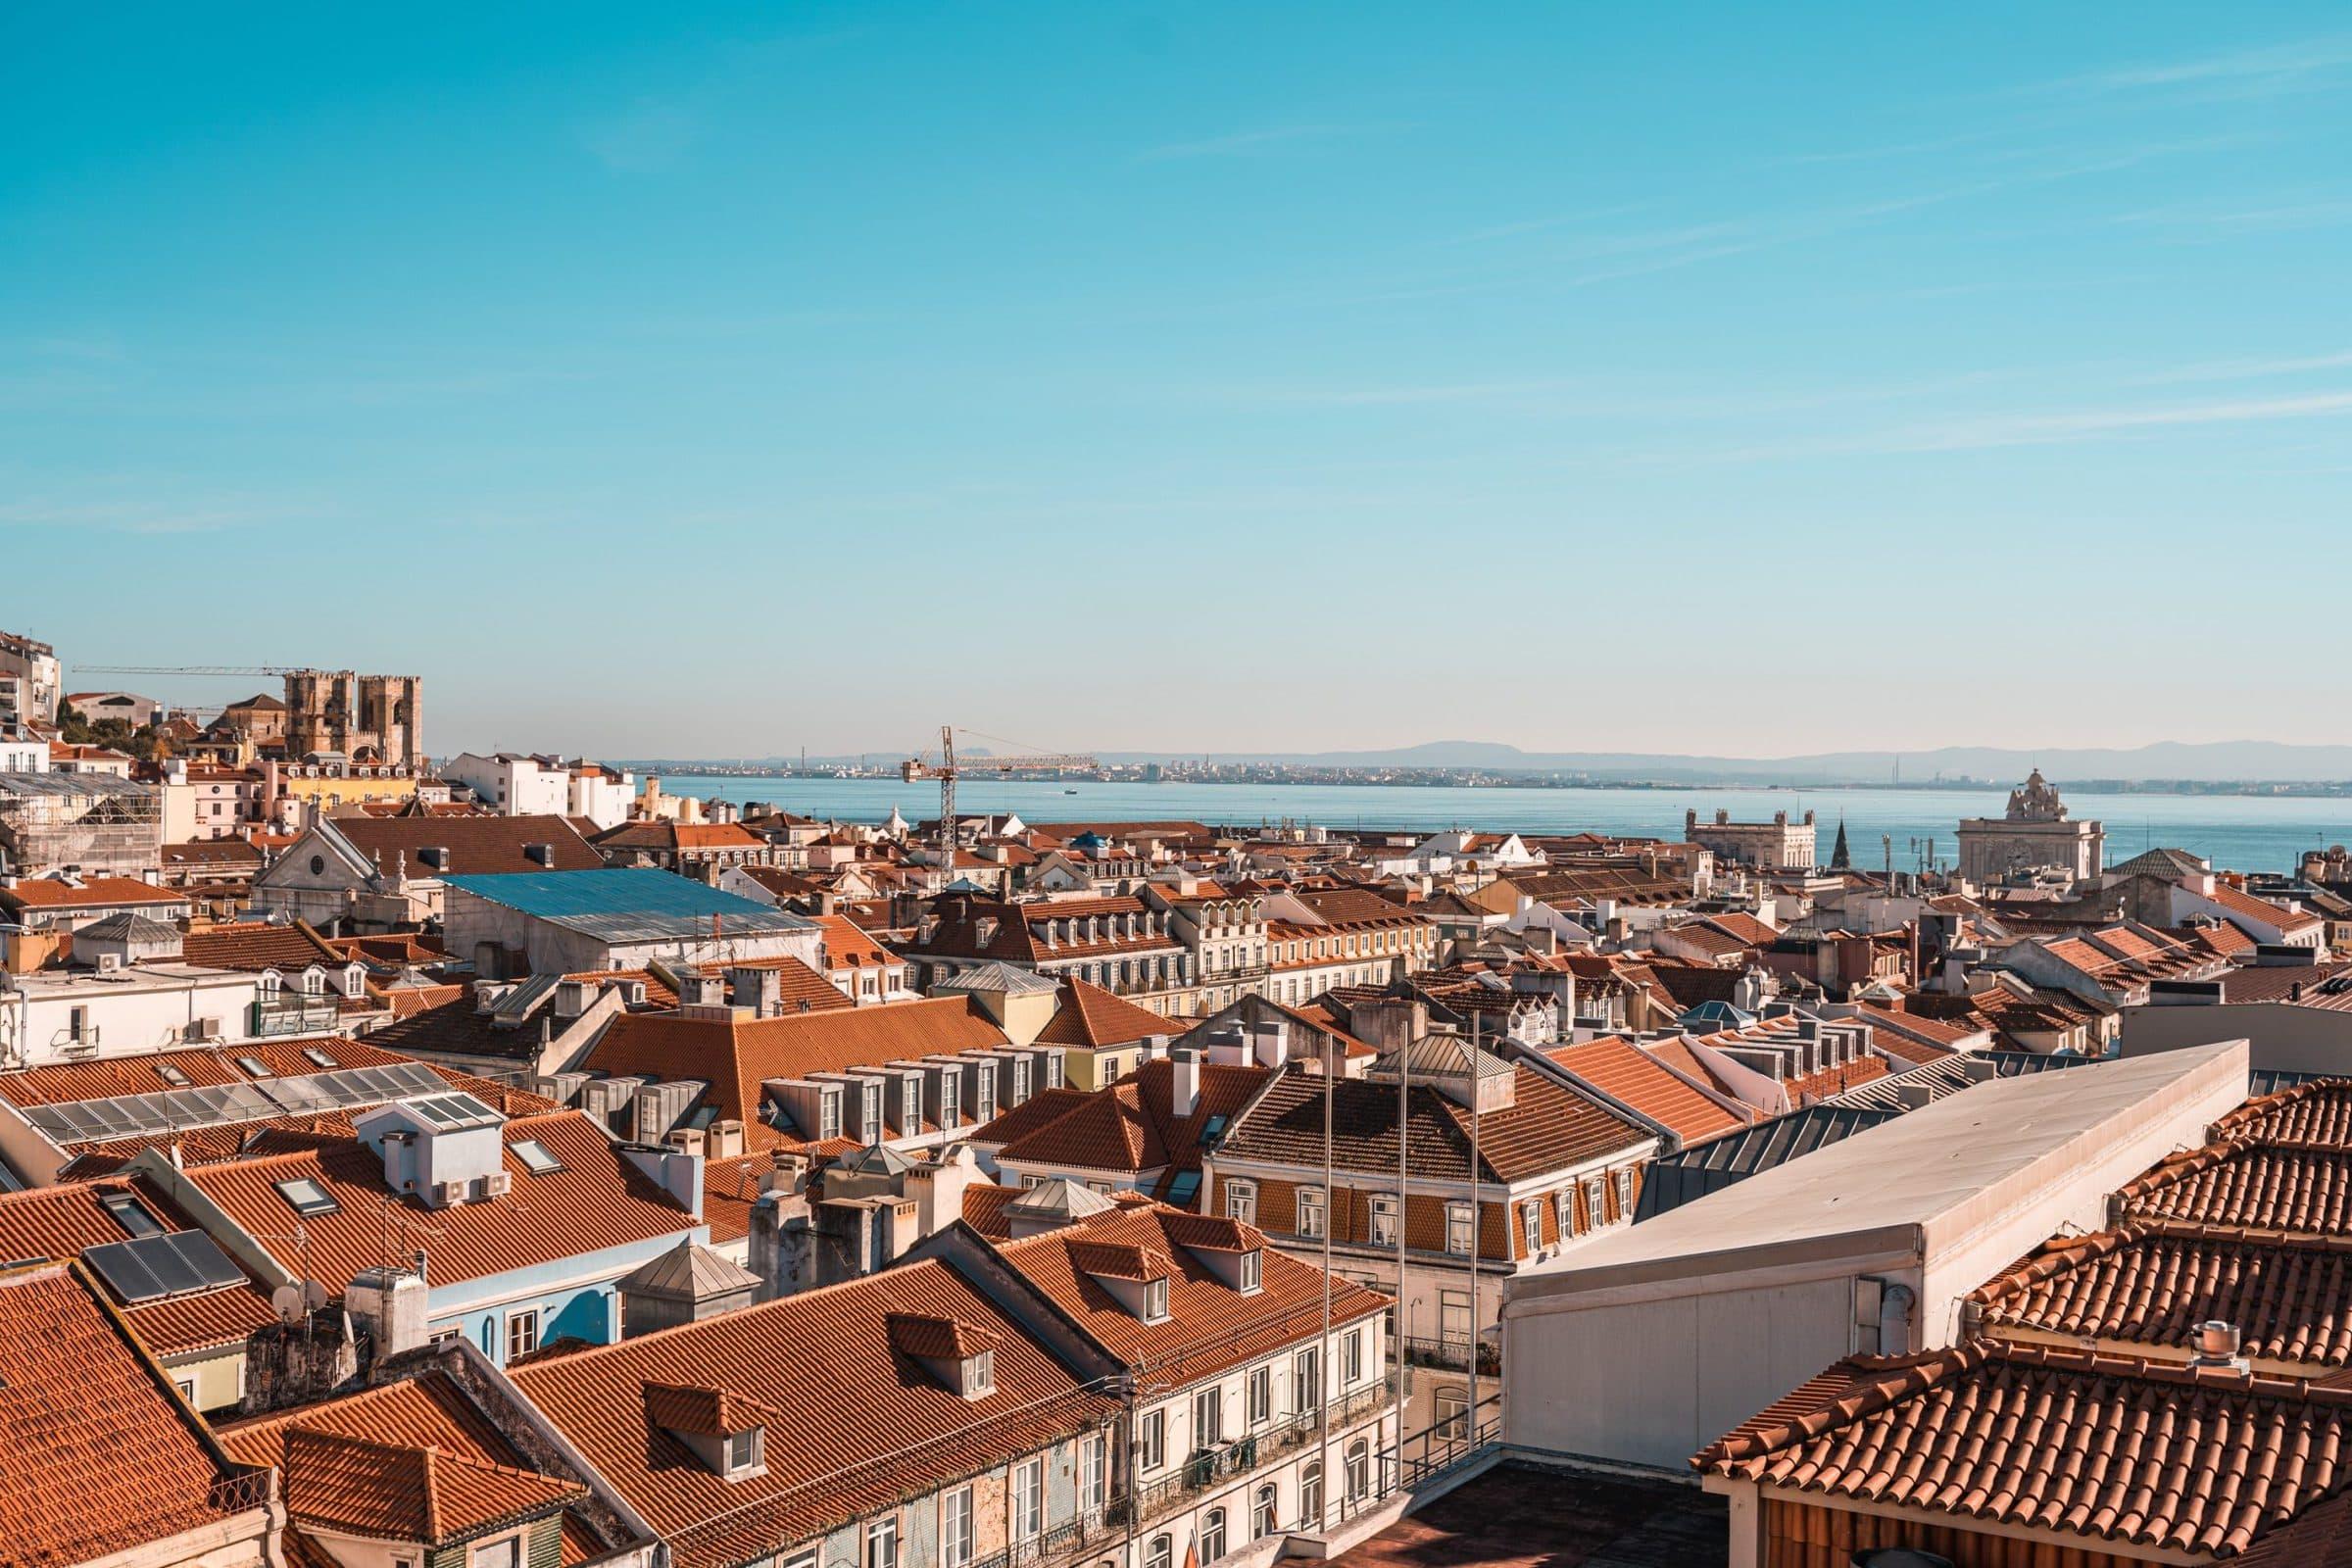 Lissabonbezienswaardigheden 2 2 scaled - Lissabon prijzen: dit zijn de kosten voor een stedentrip Lissabon!